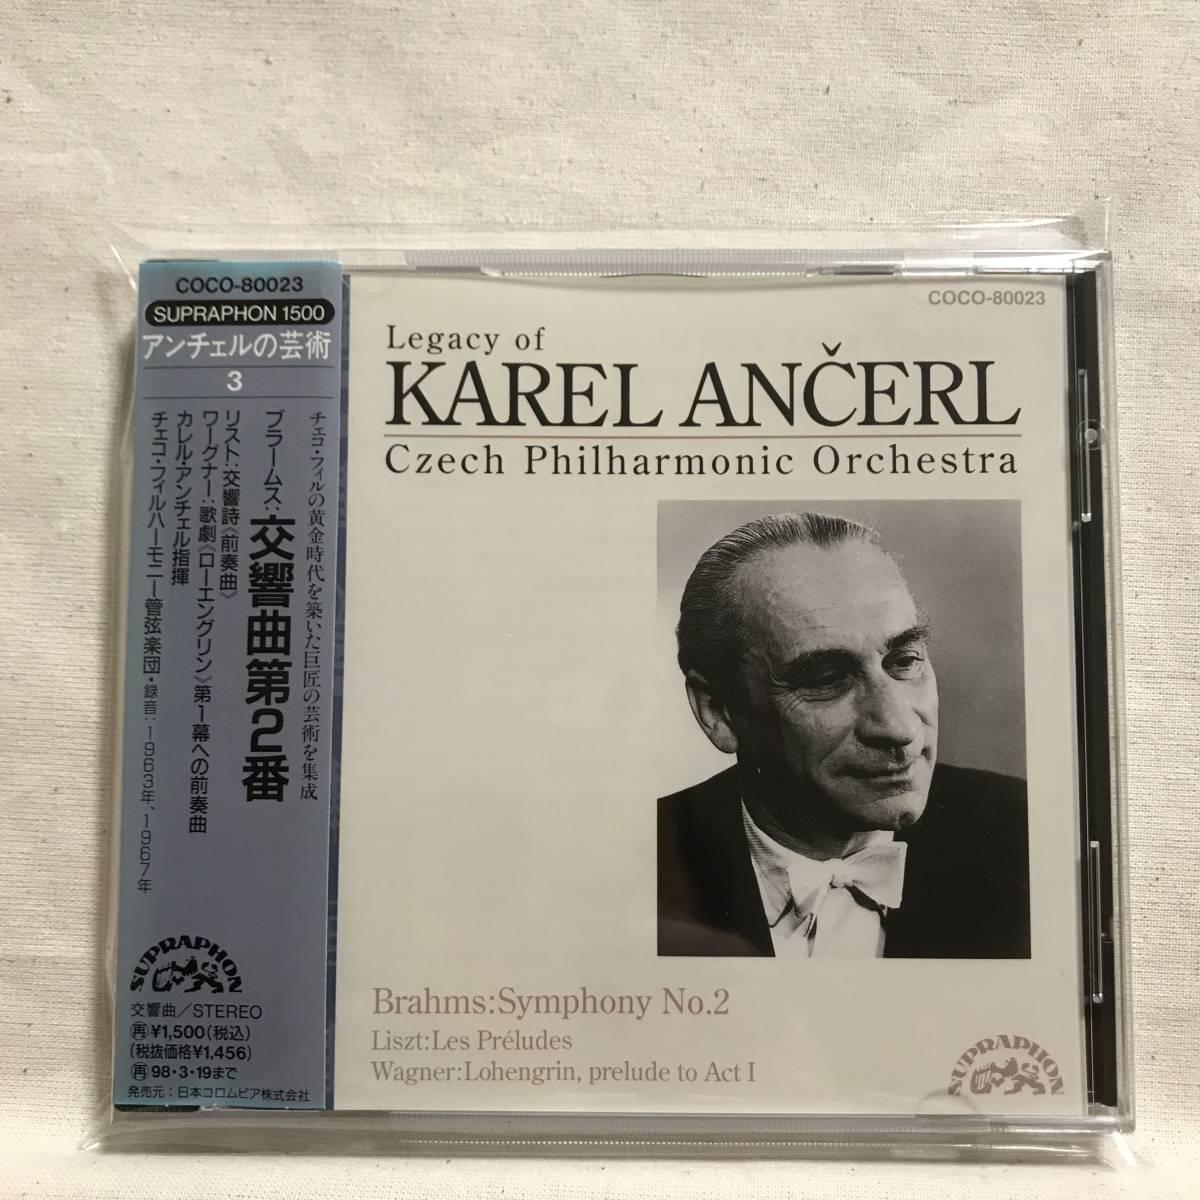 アンチェル / ブラームス: 交響曲 第2番 / チェコ・フィル●SUPRAPHON 国内 コロムビア《アンチェルの芸術 3》_画像1